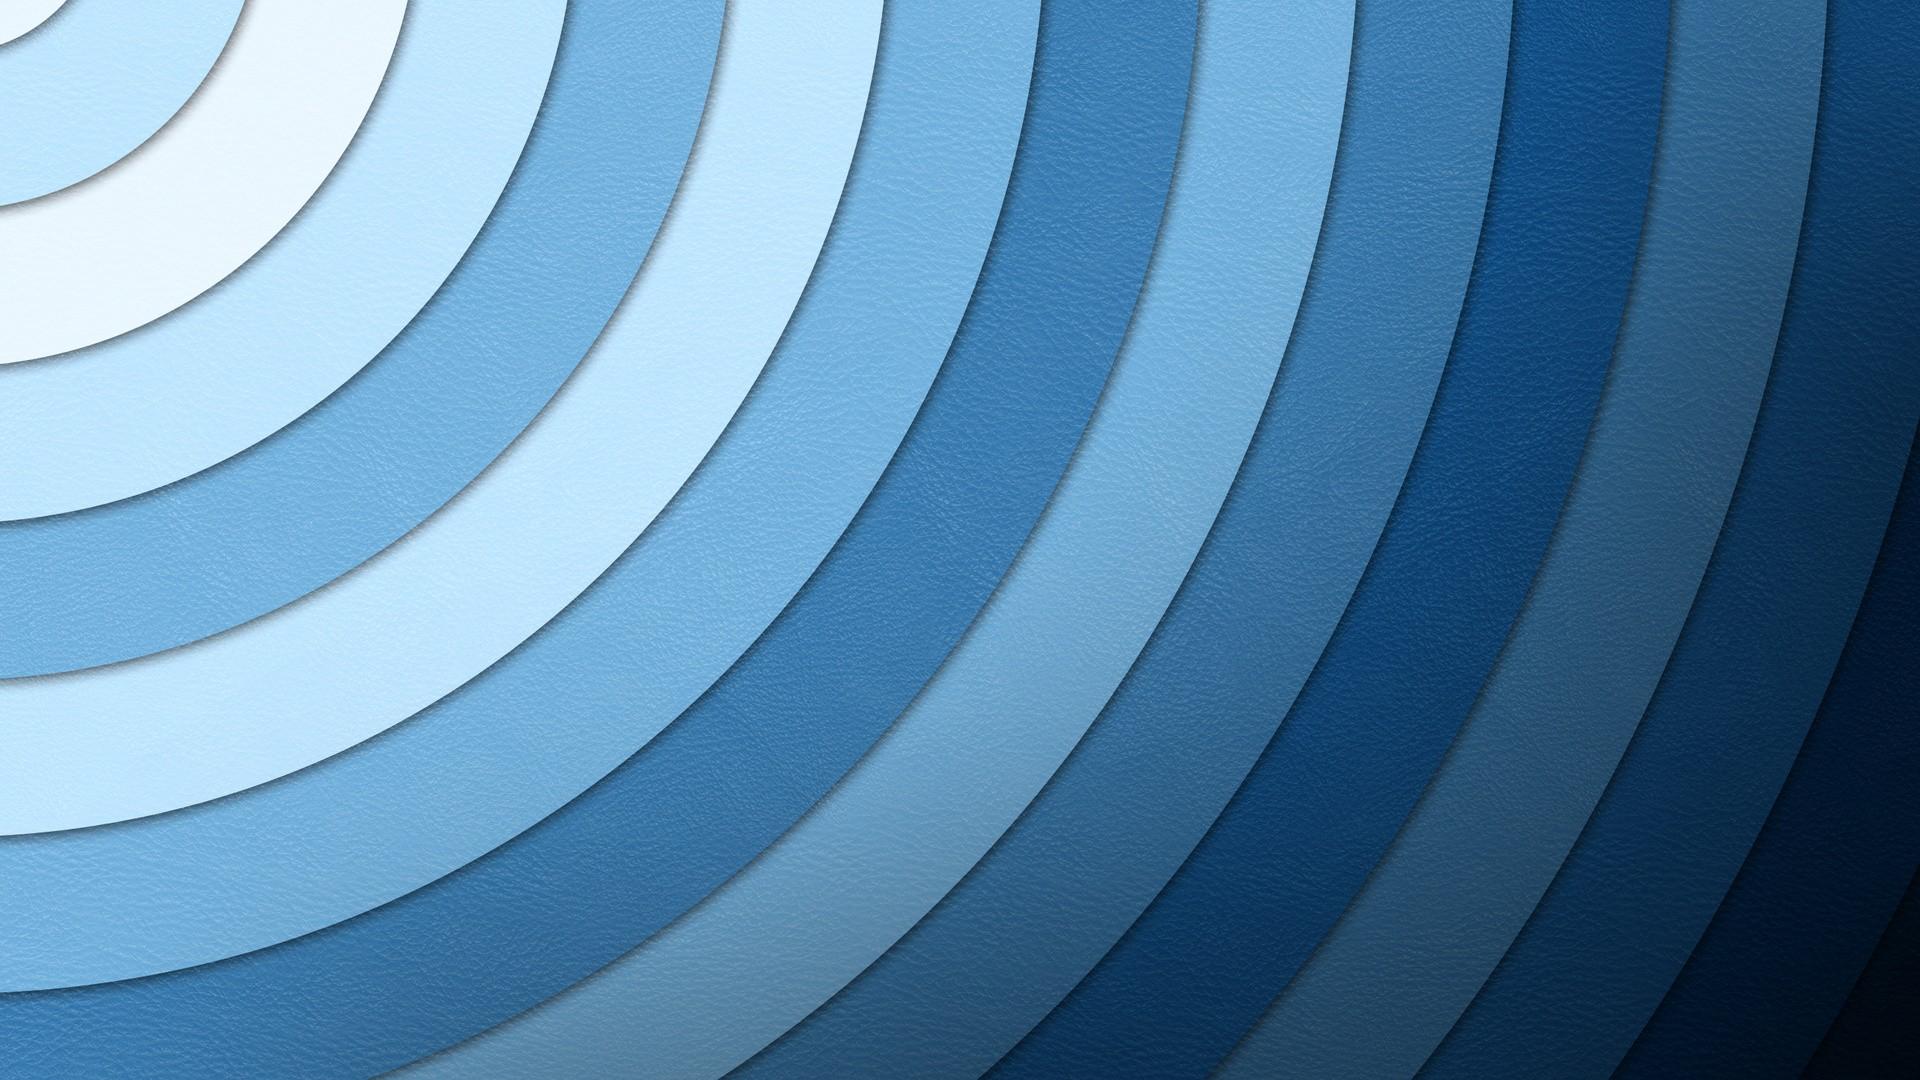 Minimalistic Stripes 1080p Wallpaper